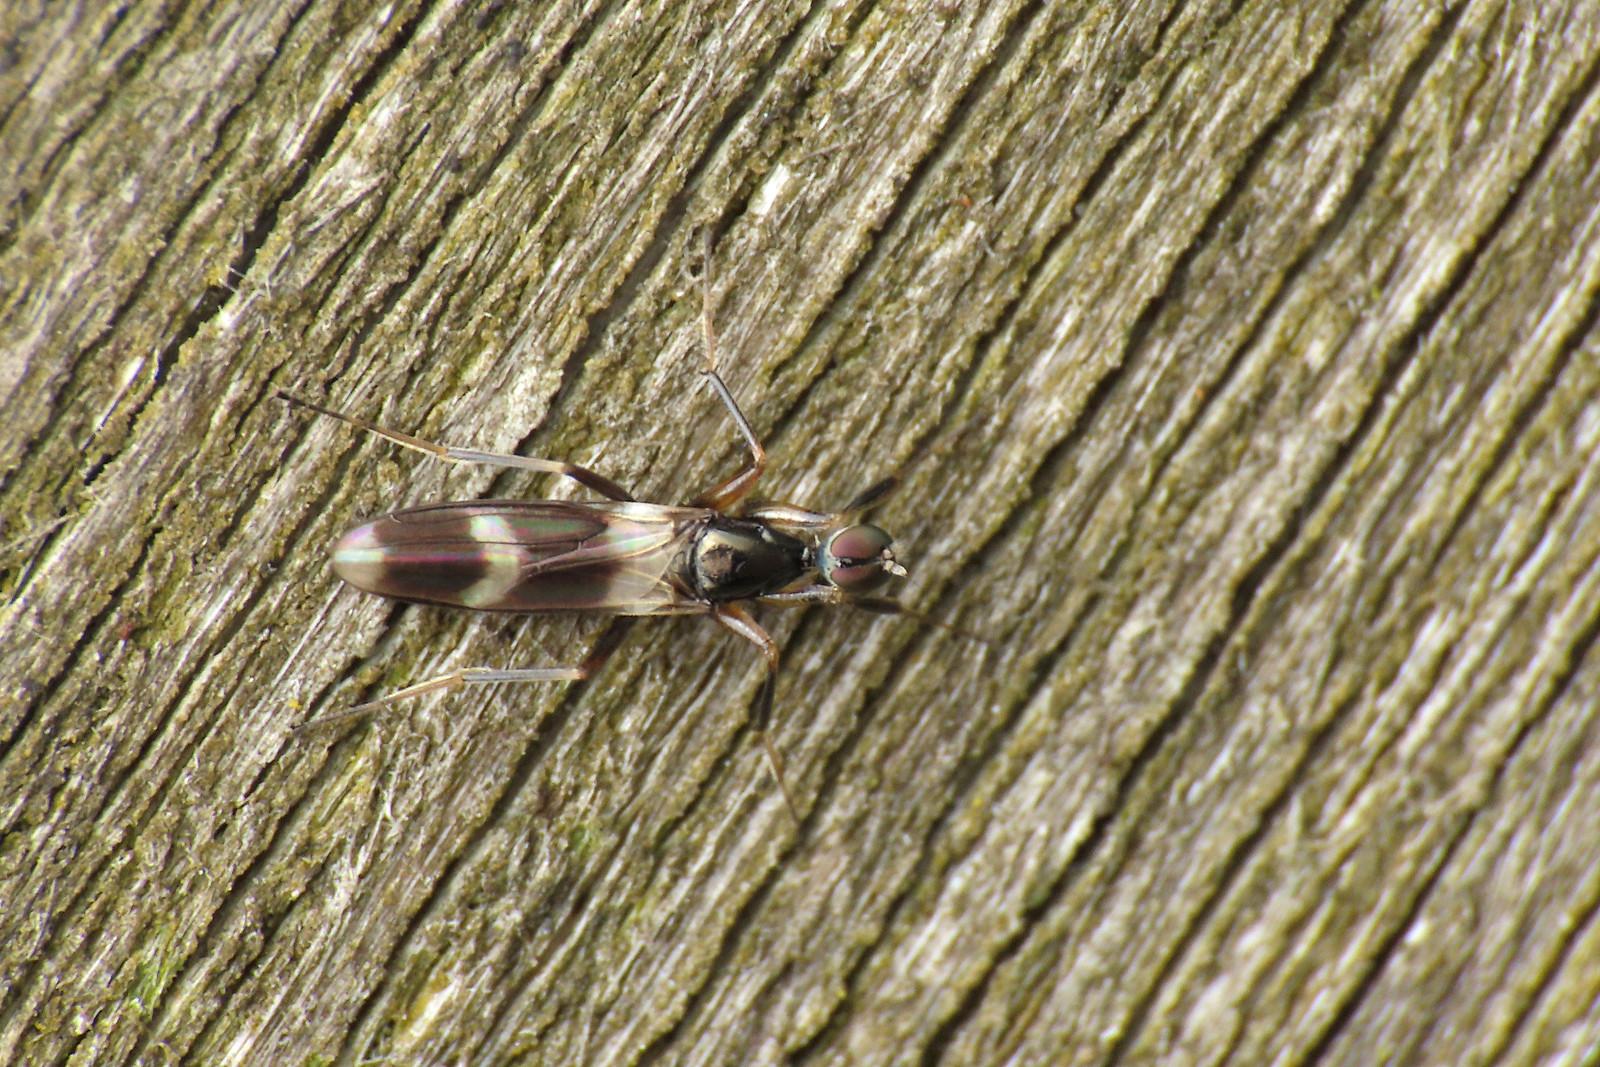 Hybotidae